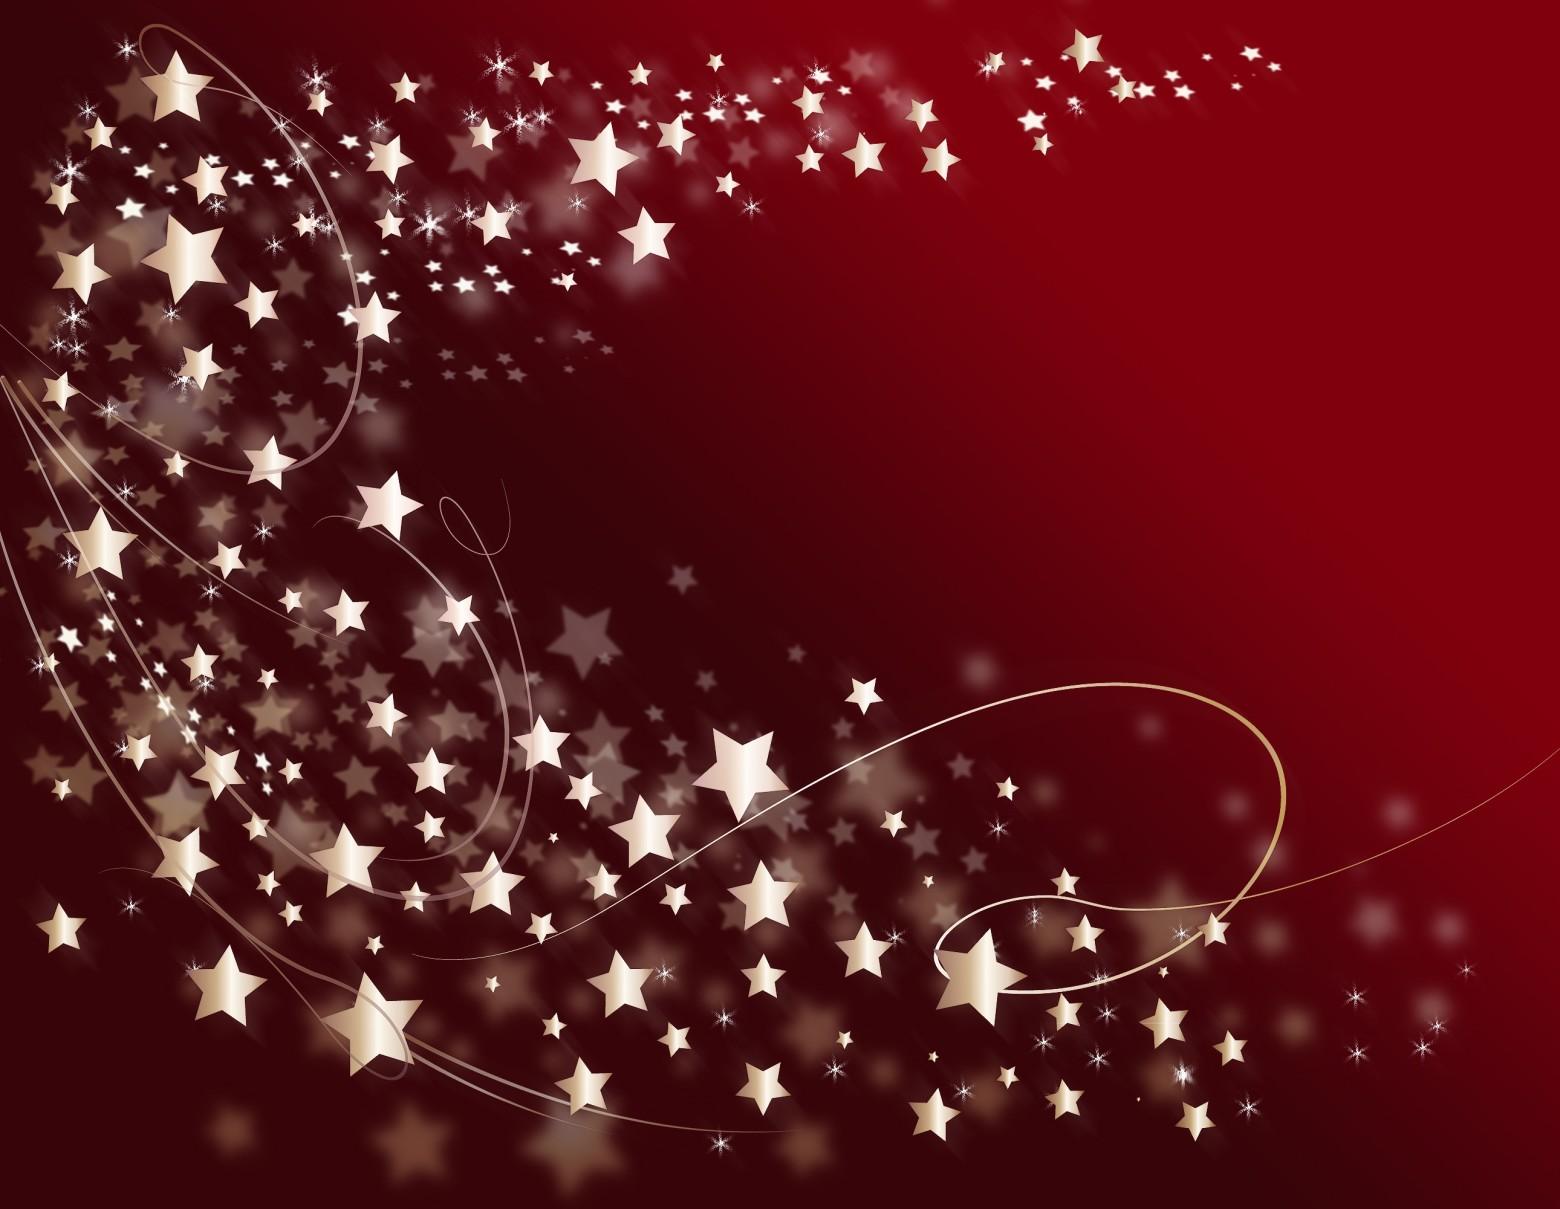 Background Christmas Noel Images De Fond Gratuites Images